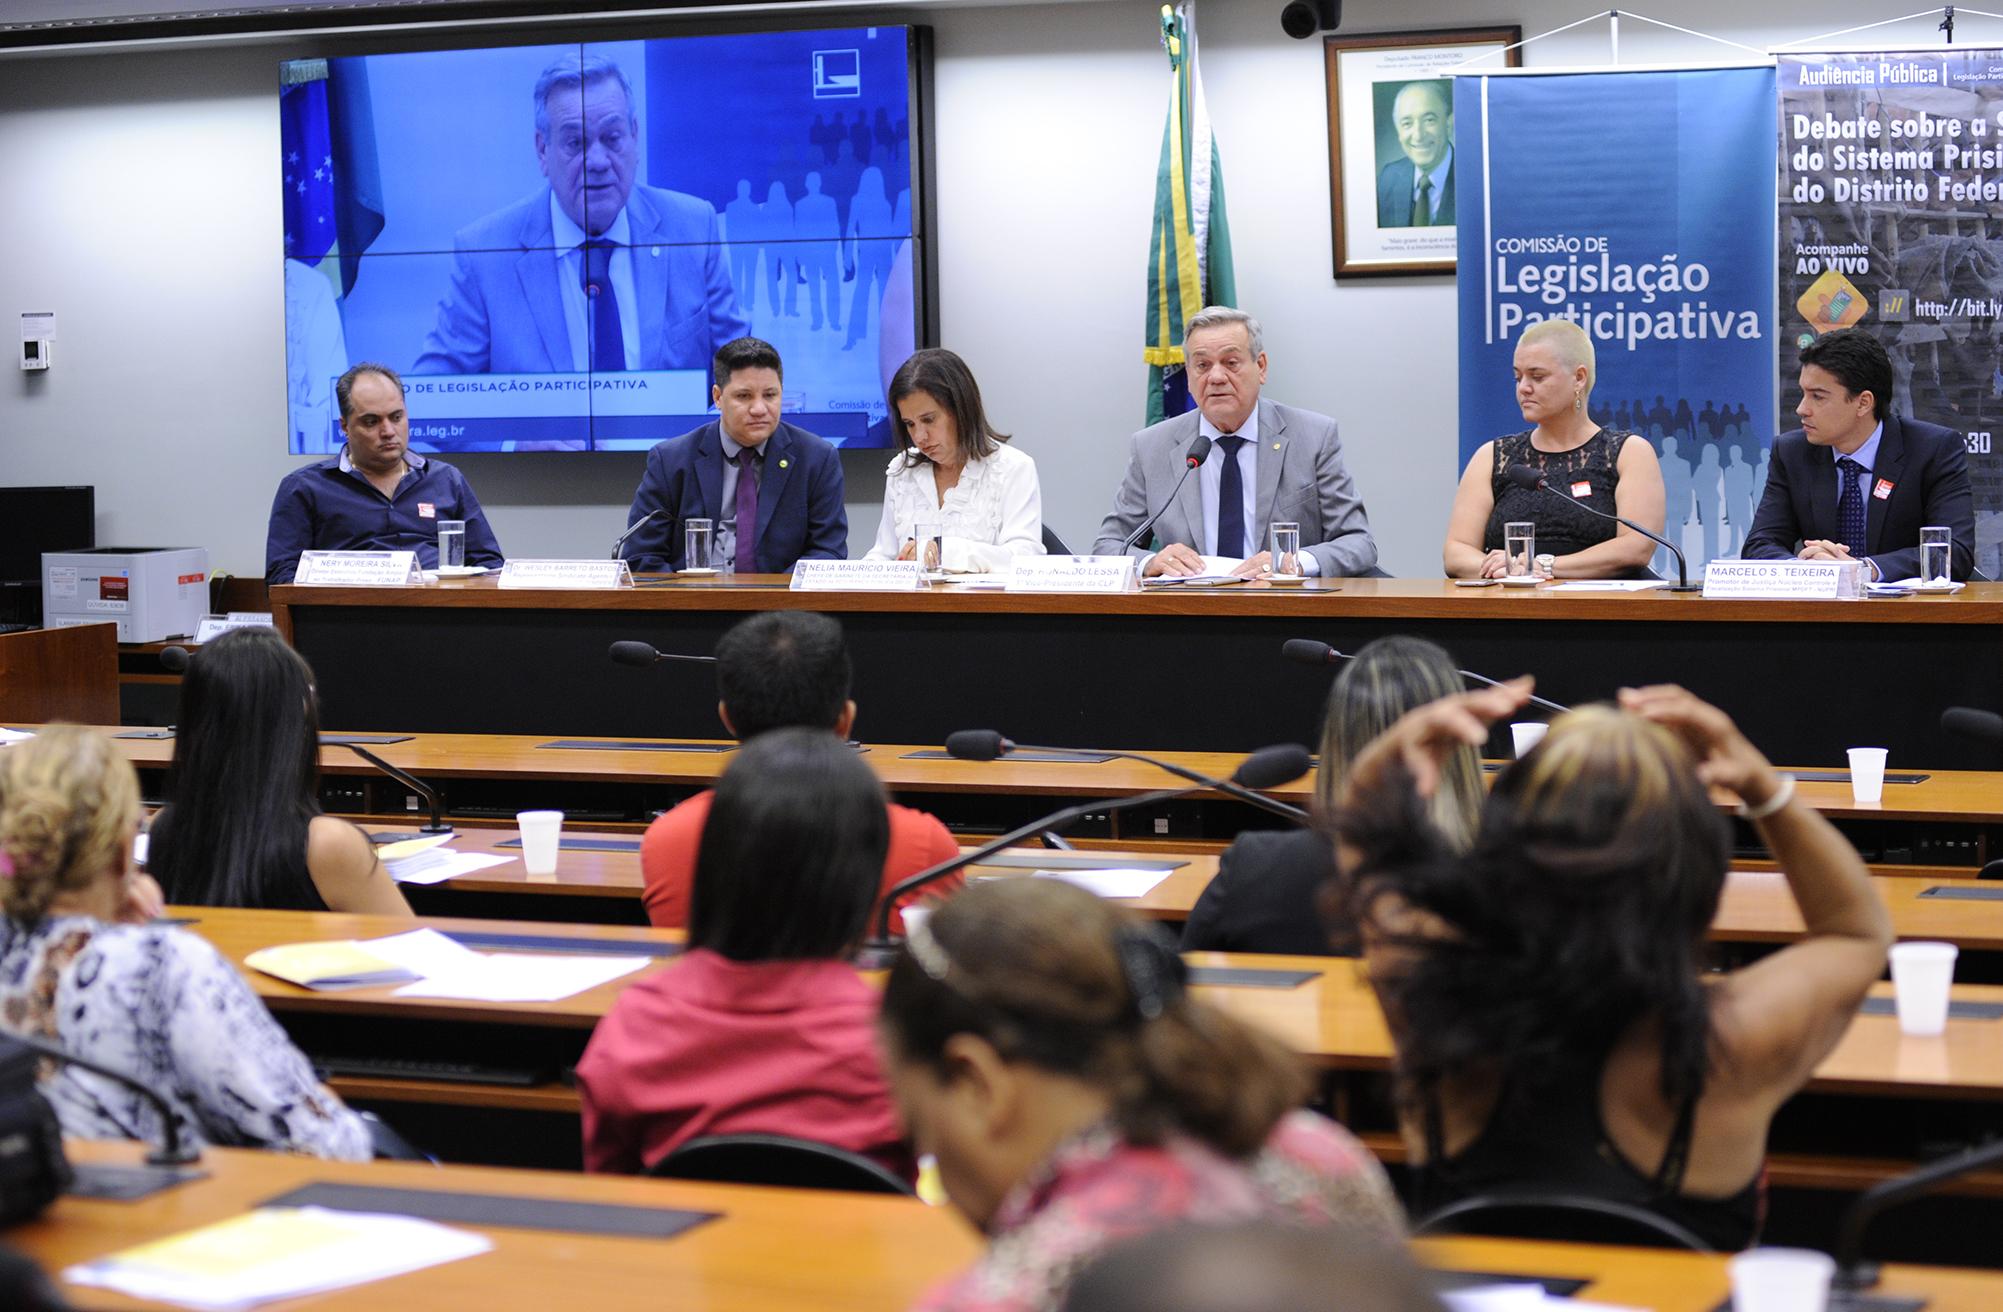 Audiência pública para debater a situação do Sistema Prisional do Distrito Federal